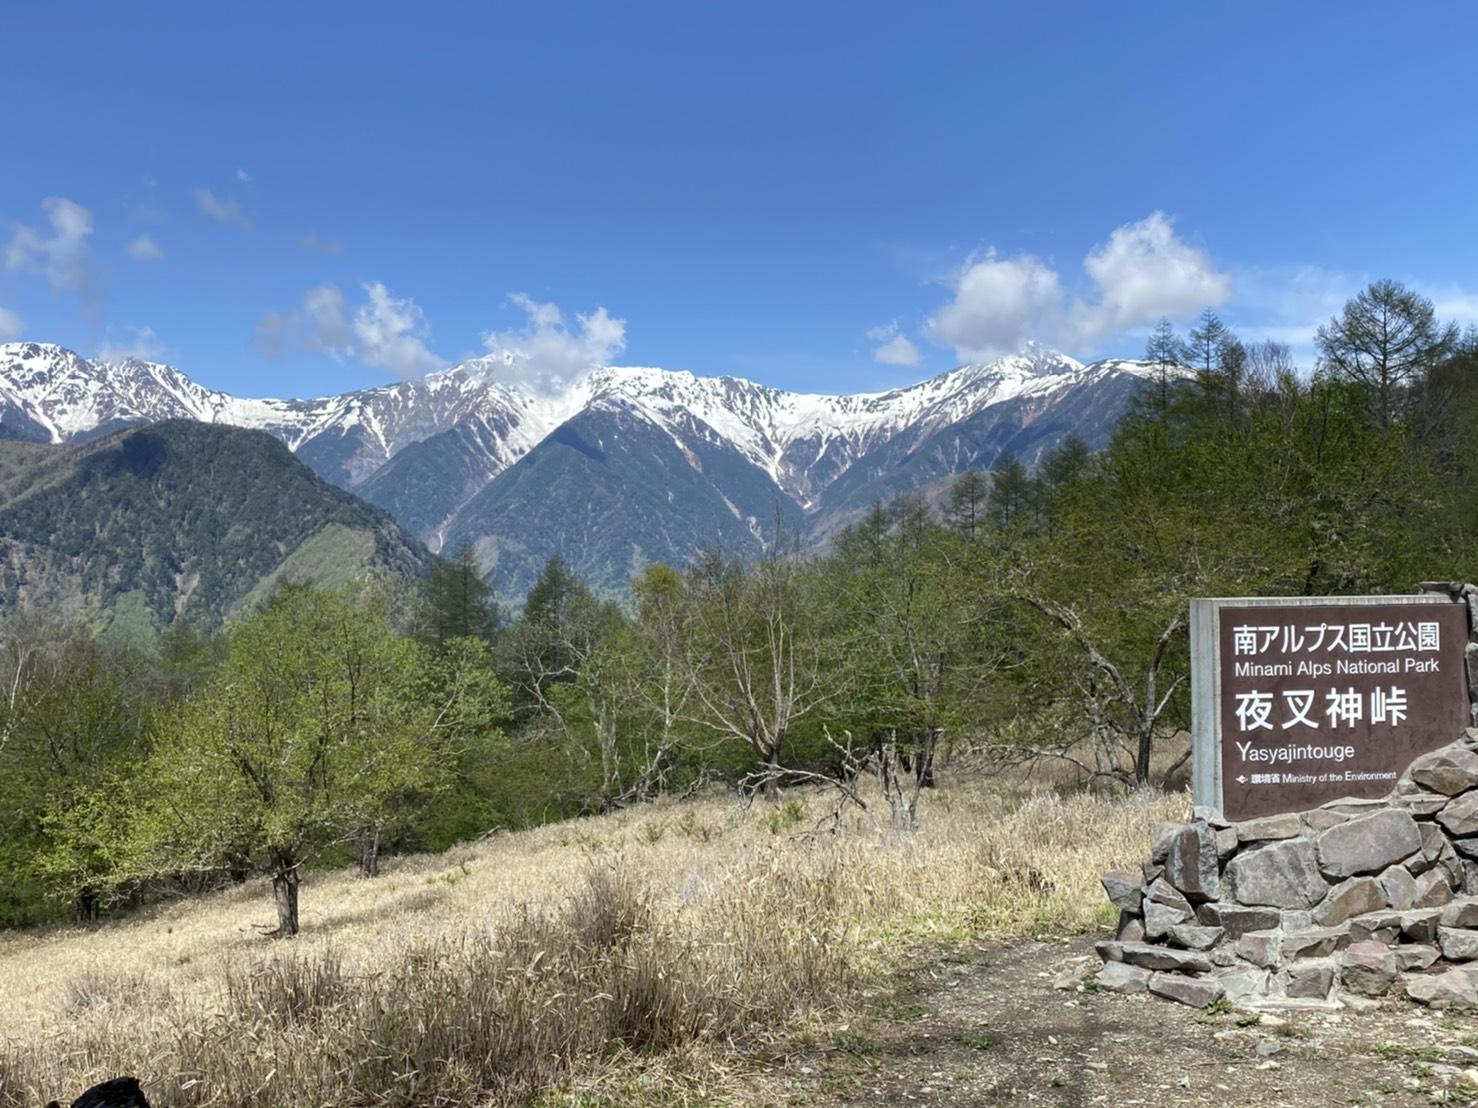 山岳観光案内所 開設